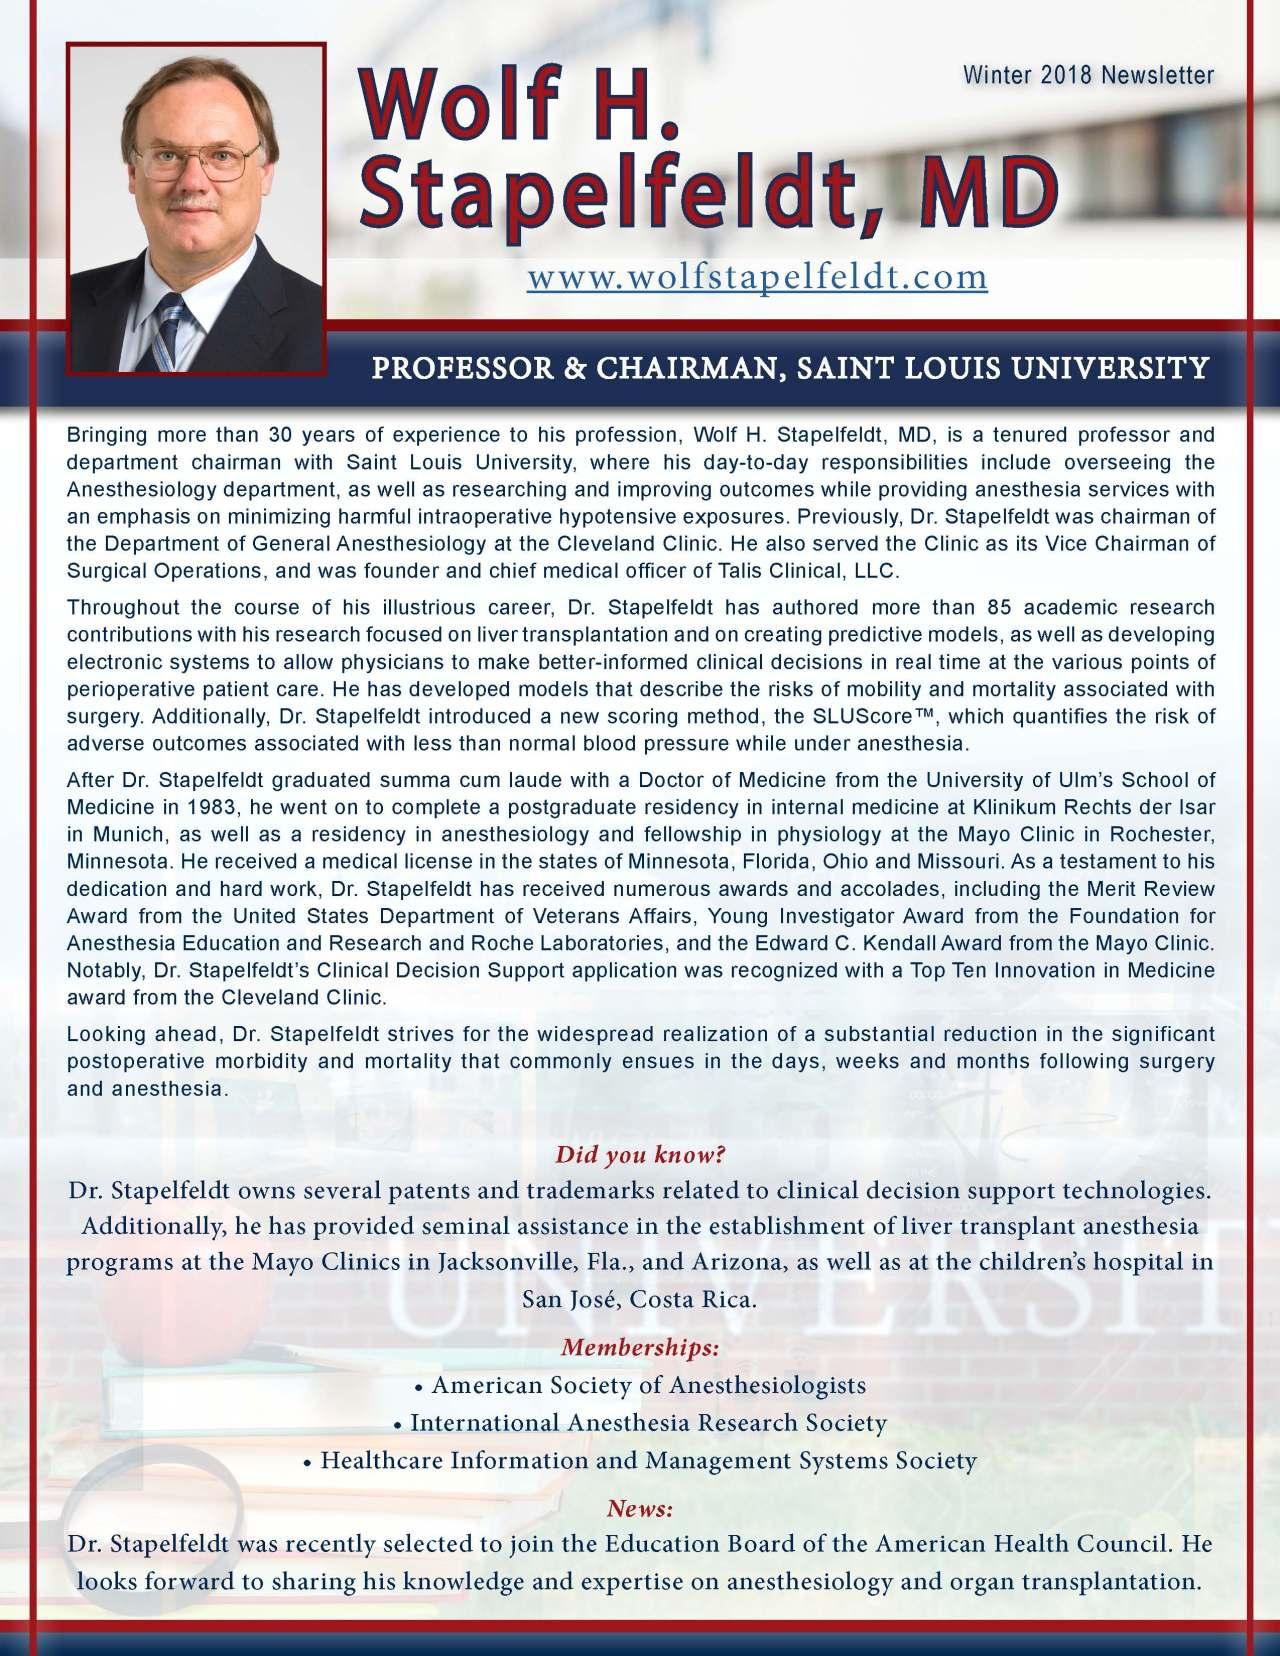 Stapelfeldt, Wolf 3681015_4003681015 Newsletter REVISED